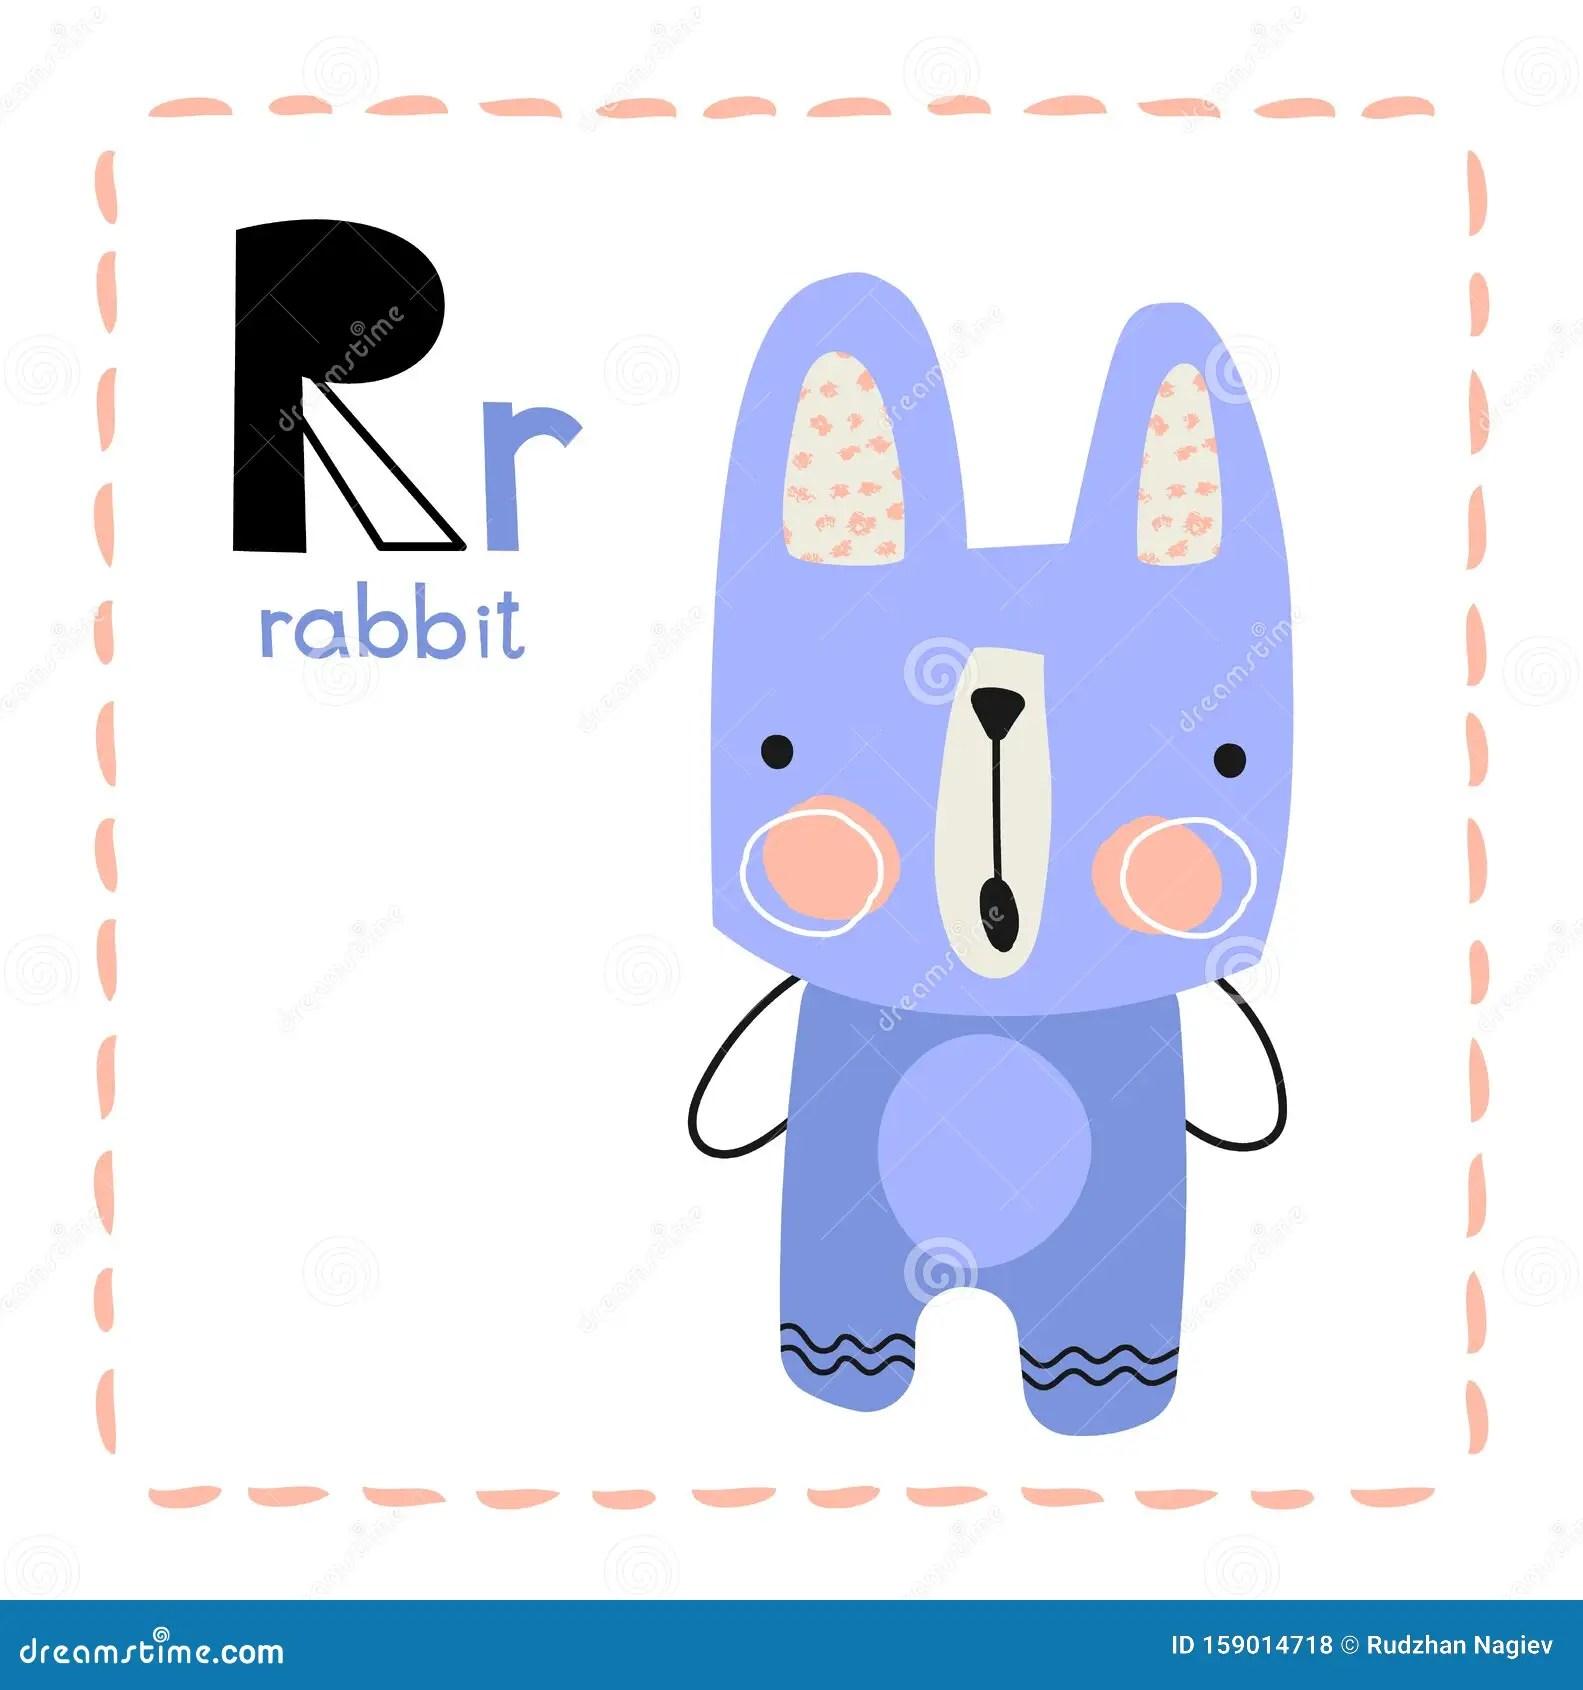 Alphabet Letter R For Rabbit For Kids Stock Vector